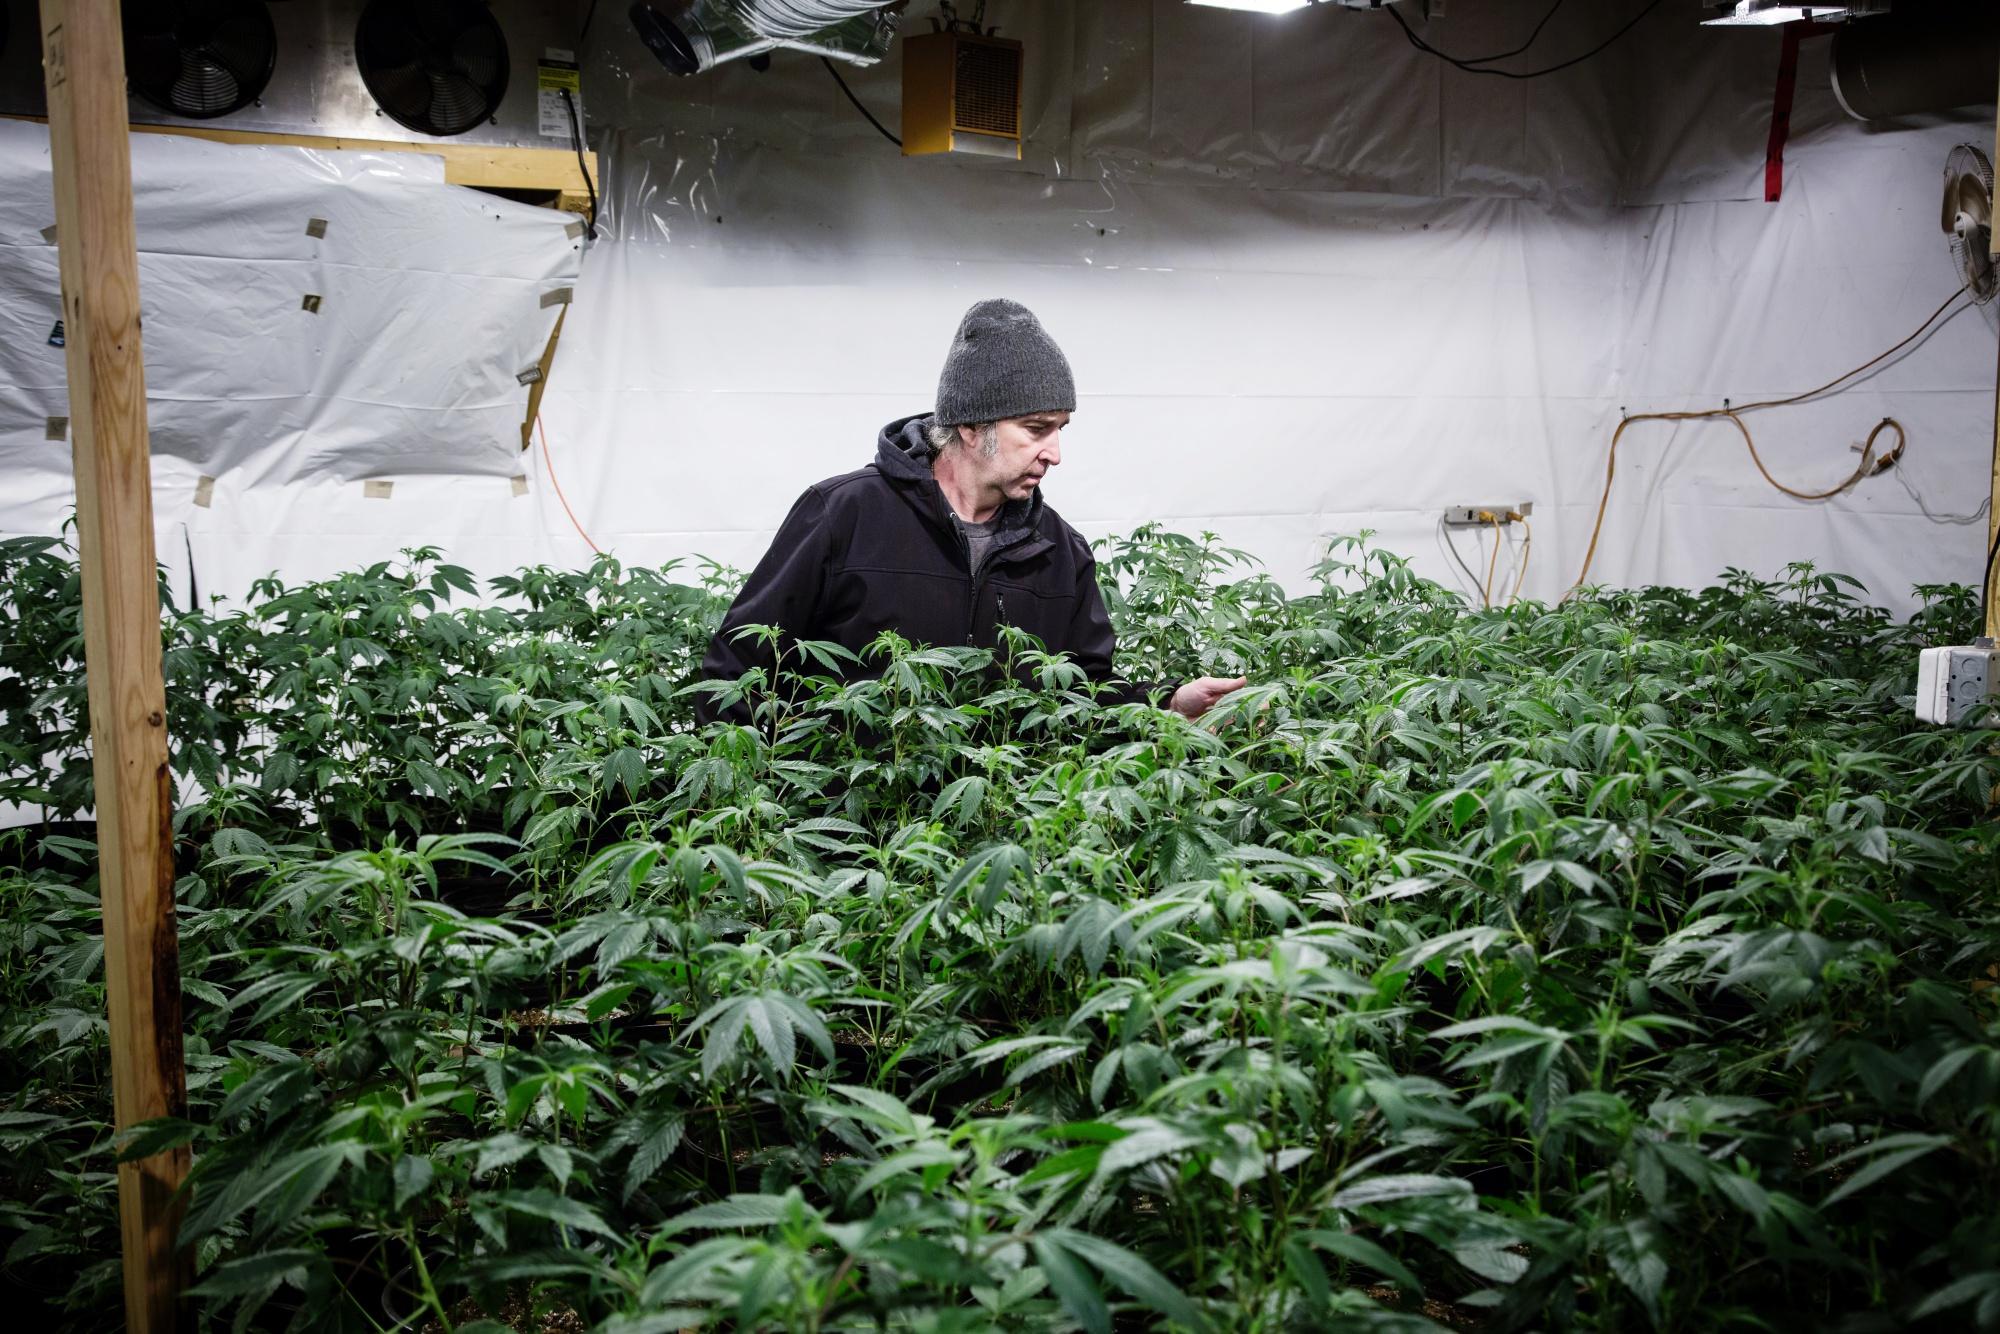 With $800-an-Ounce Bud, Pot Artisans Go High End